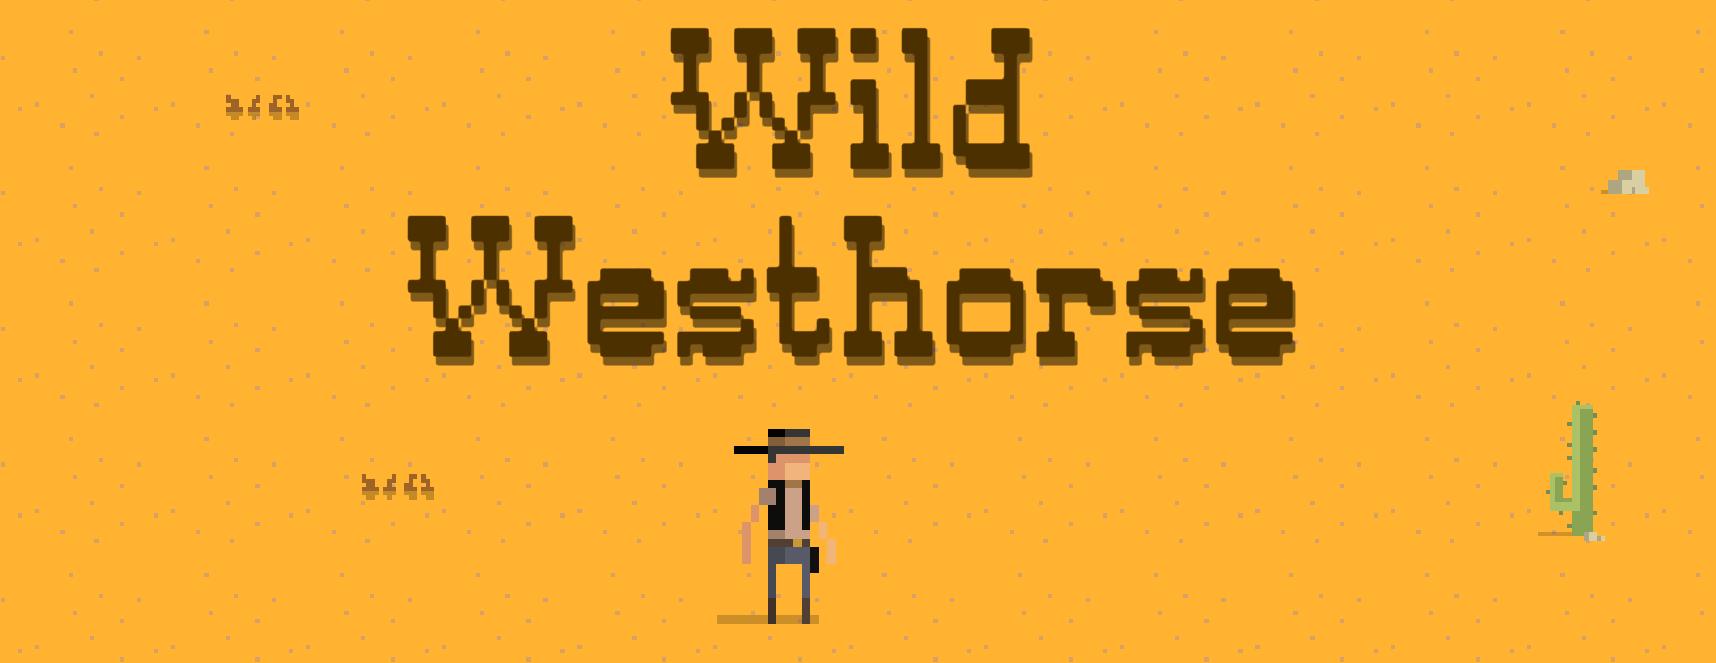 Wild Westhorse